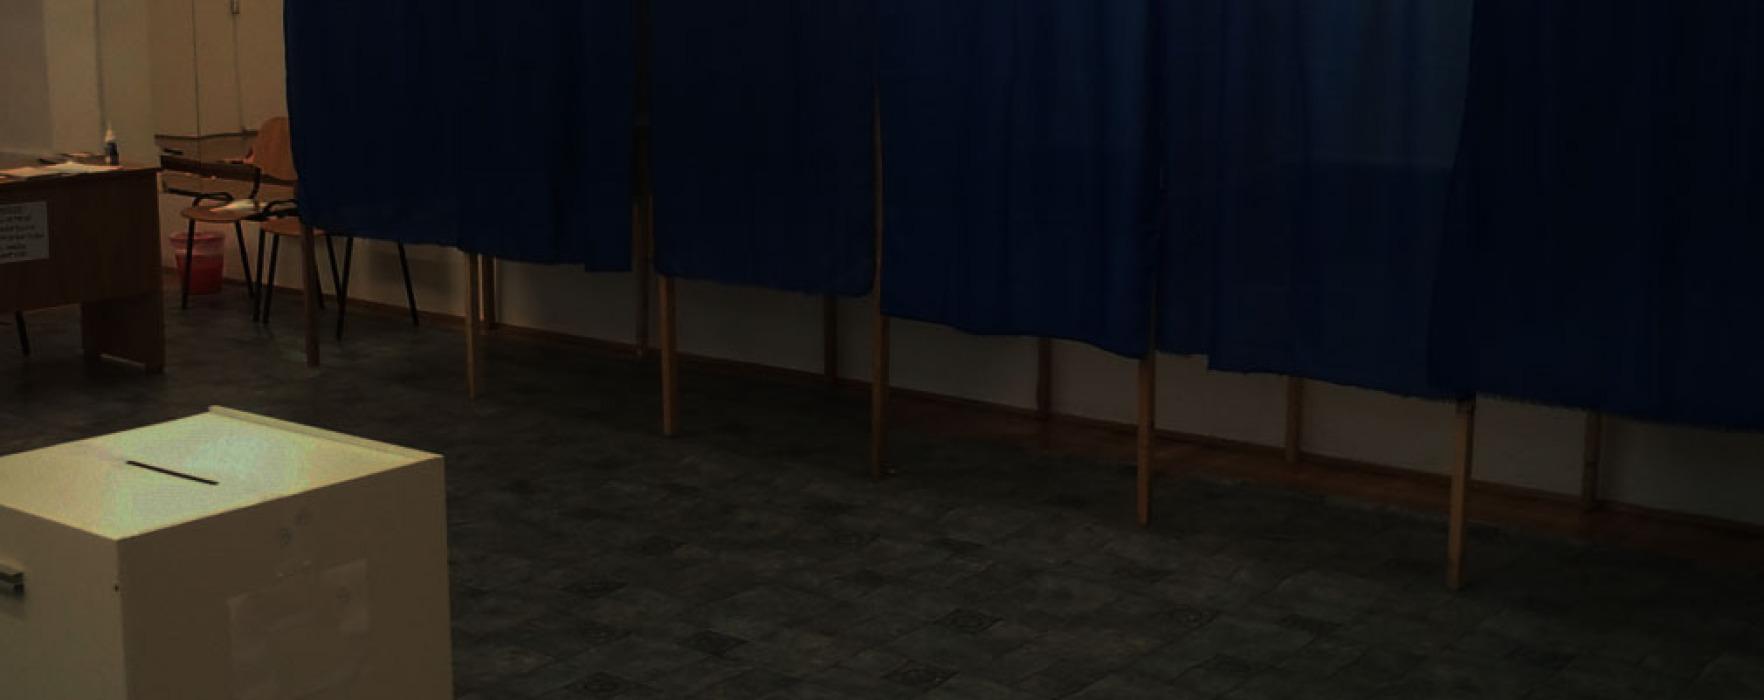 #referendum2018 Dâmboviţa: Prezenţă la vot de 8,64% sâmbătă, la închiderea urnelor